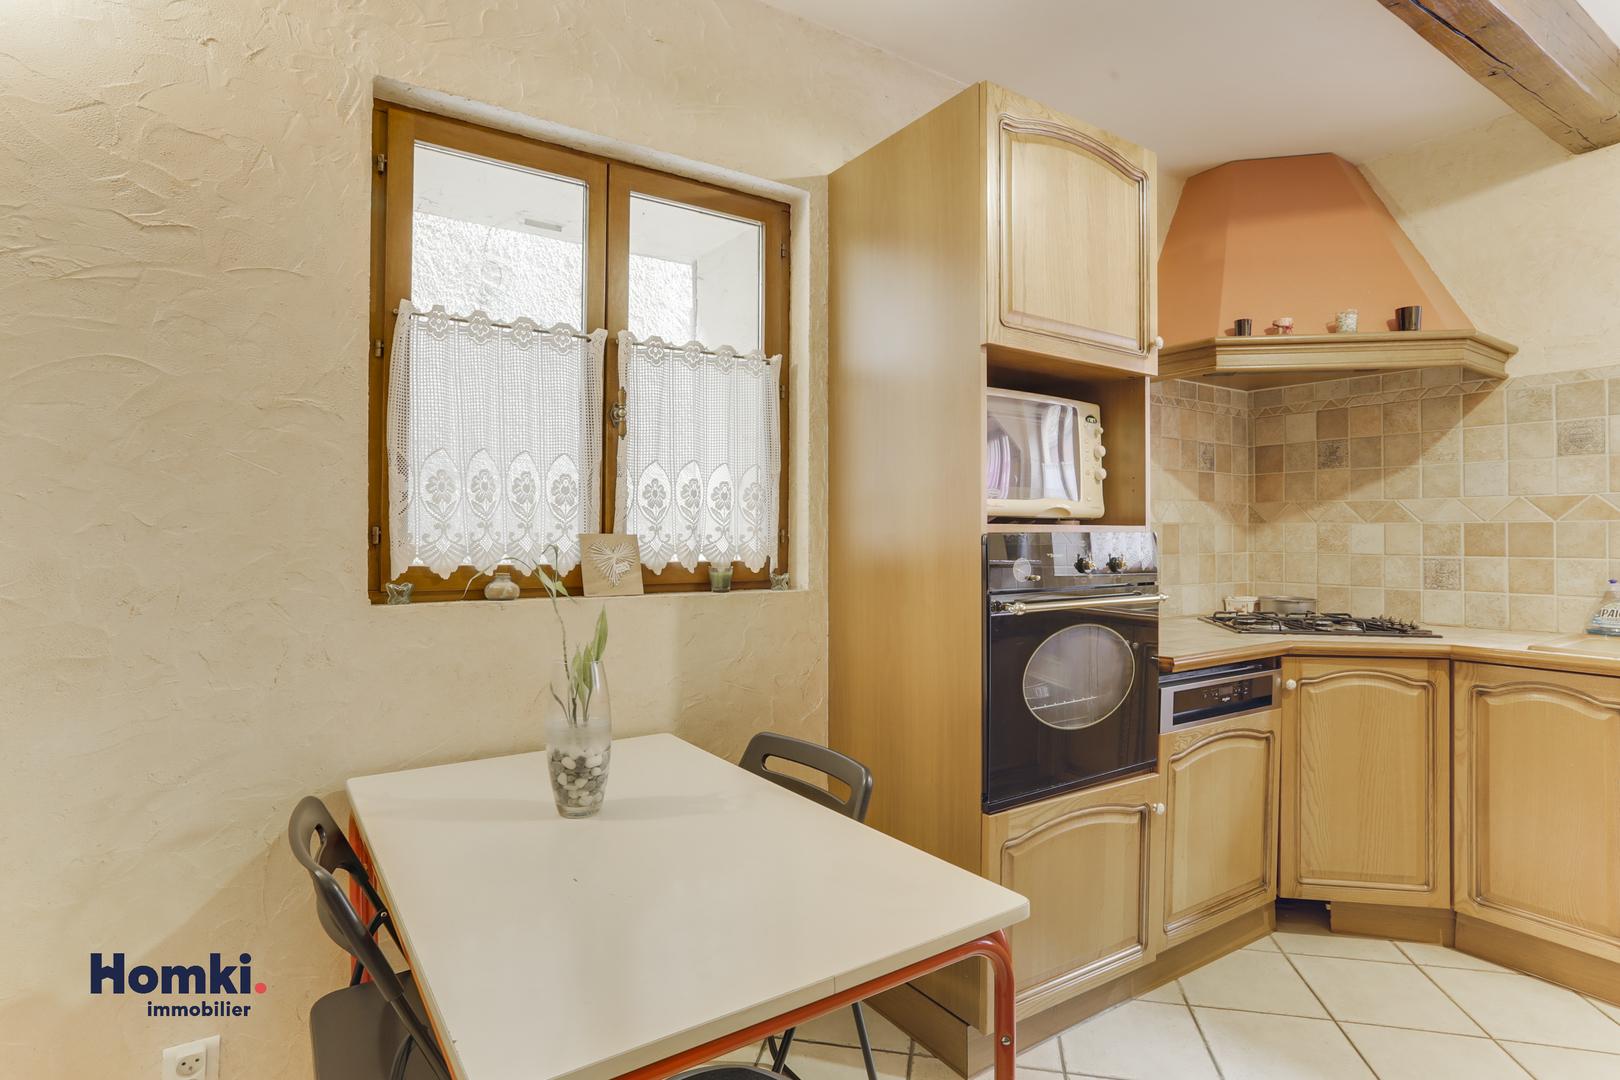 Vente maison 100m² T4 38670_6